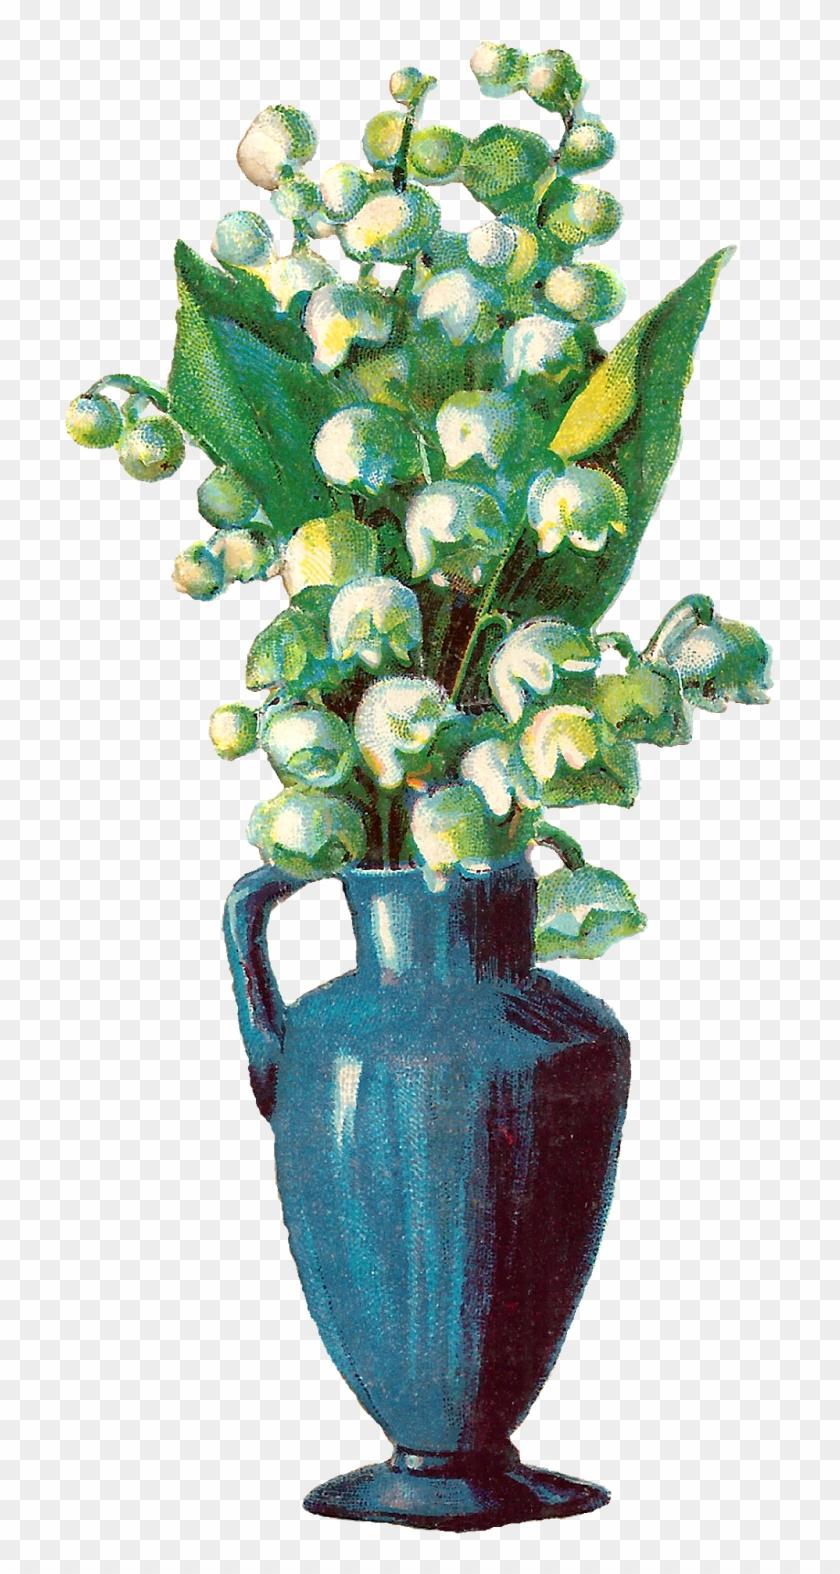 Digital Flower Vase Image Download Clipart #1971071